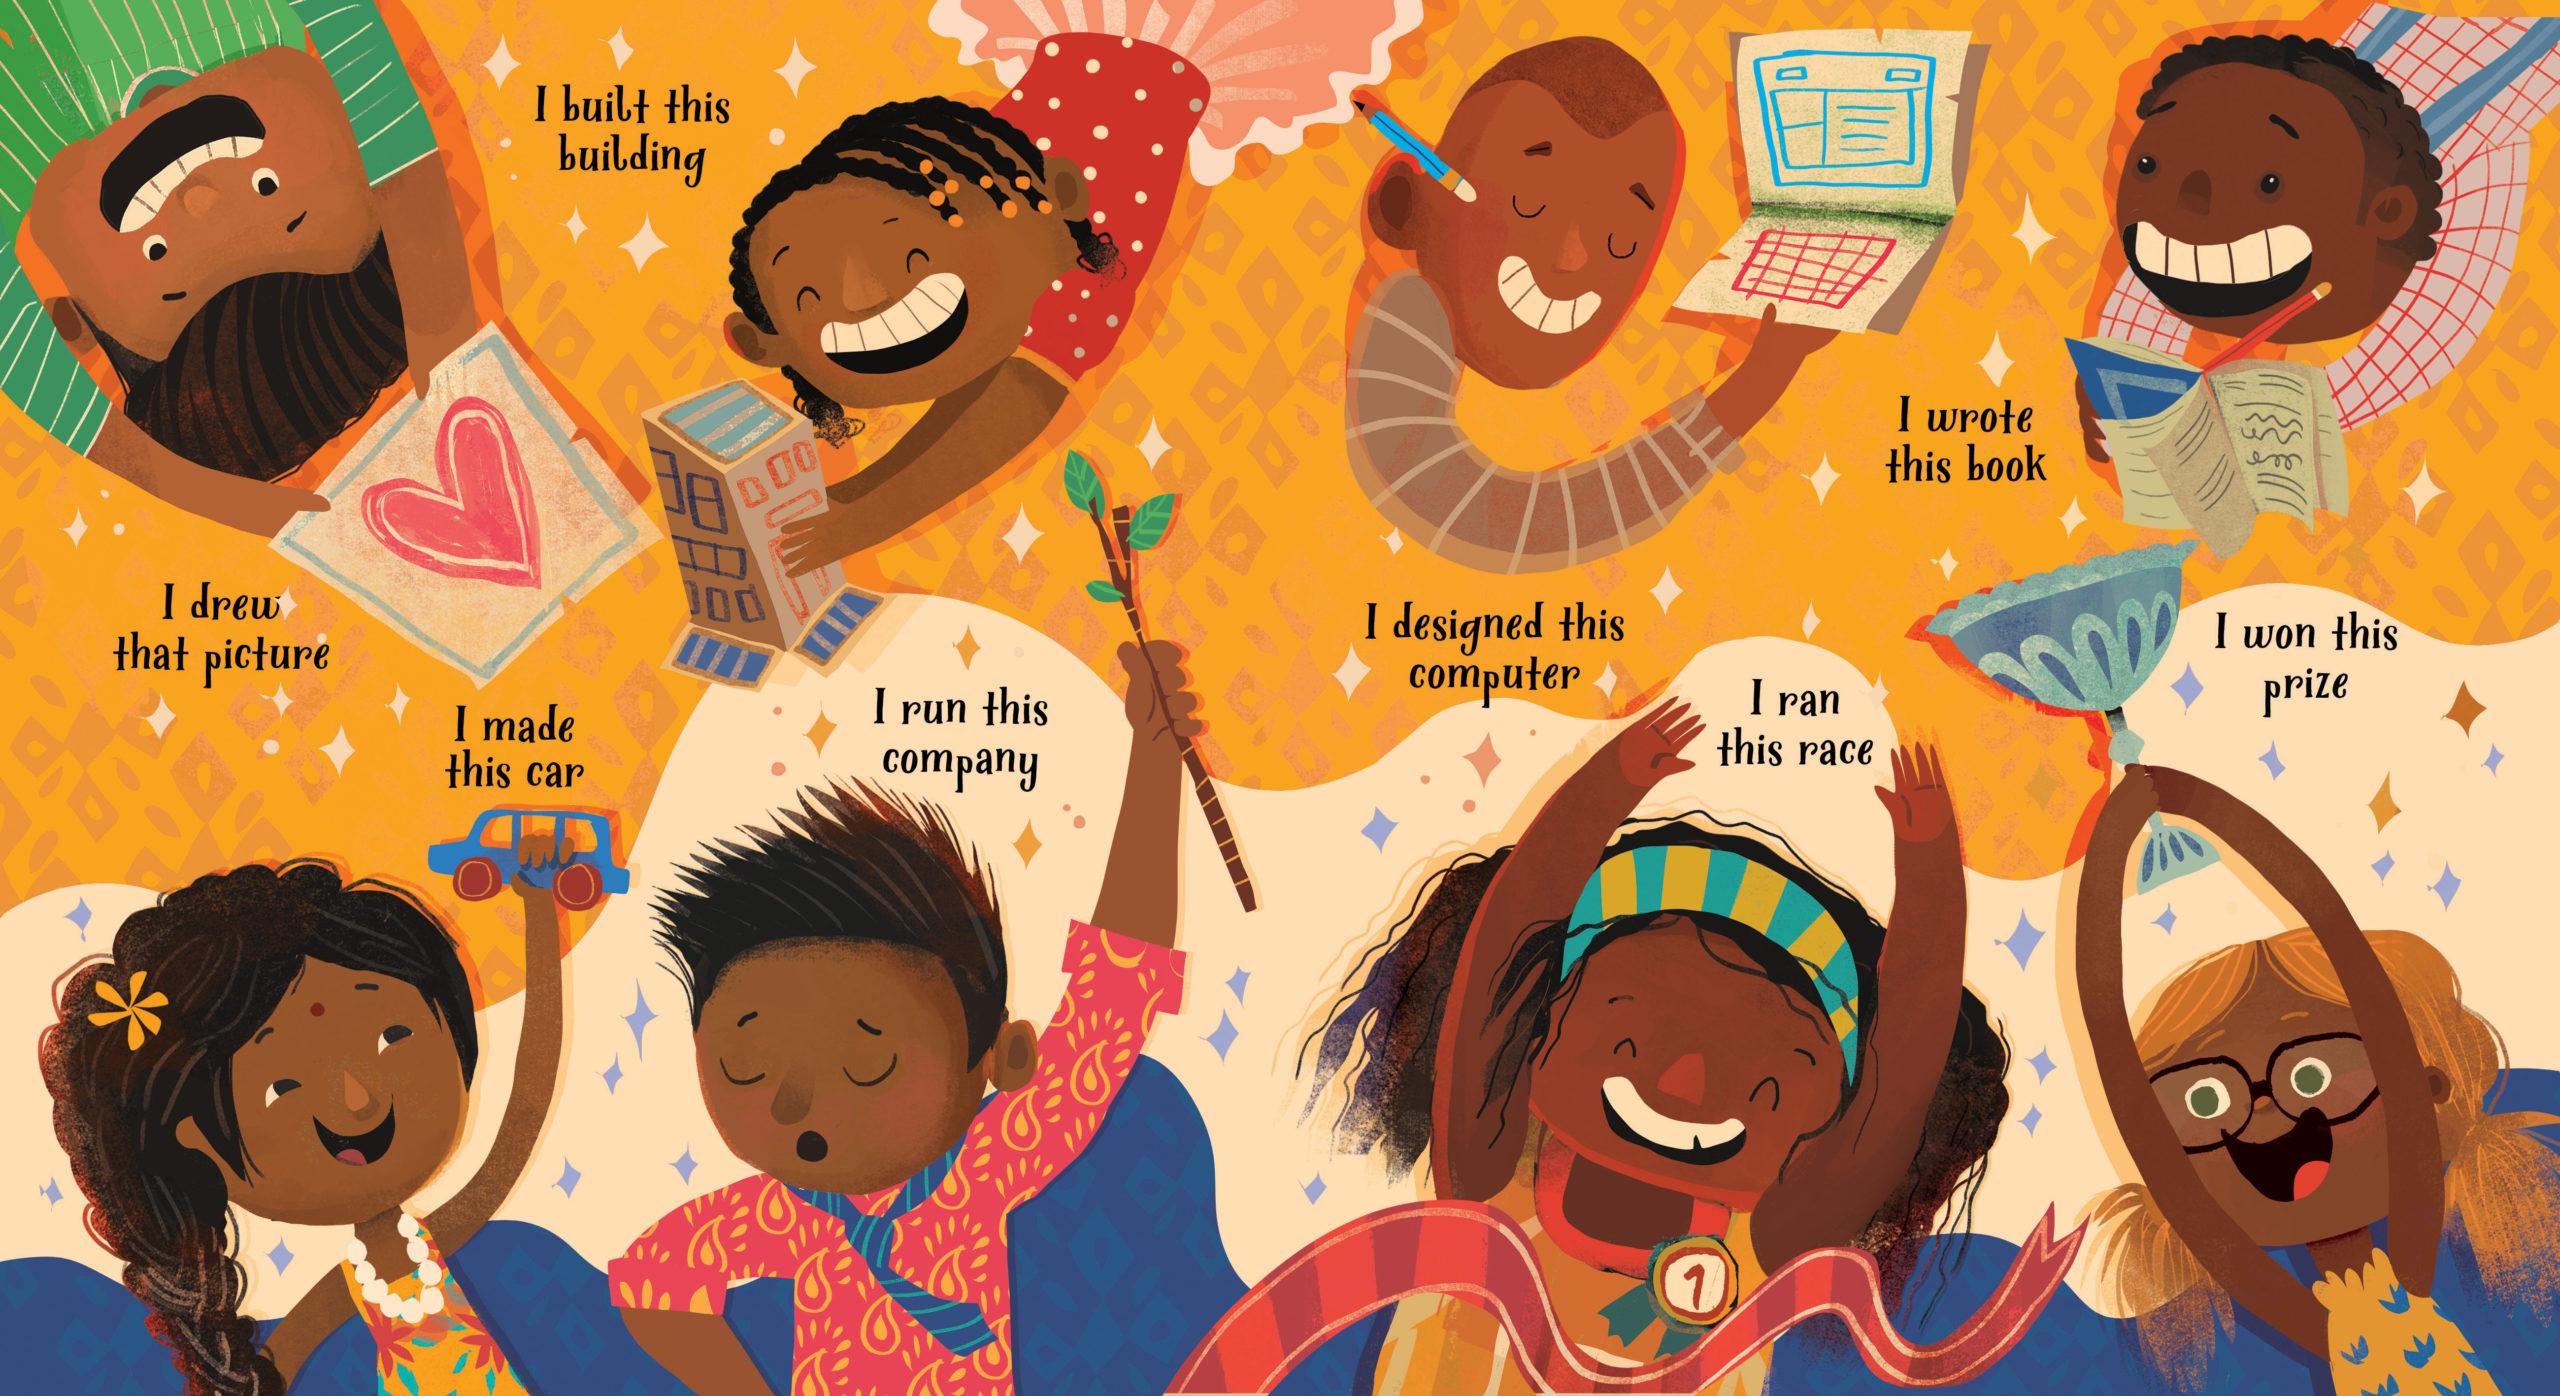 GirlsclubAsia-Illustrator-Sandhya-Prabhat-IAmBrown_32-33